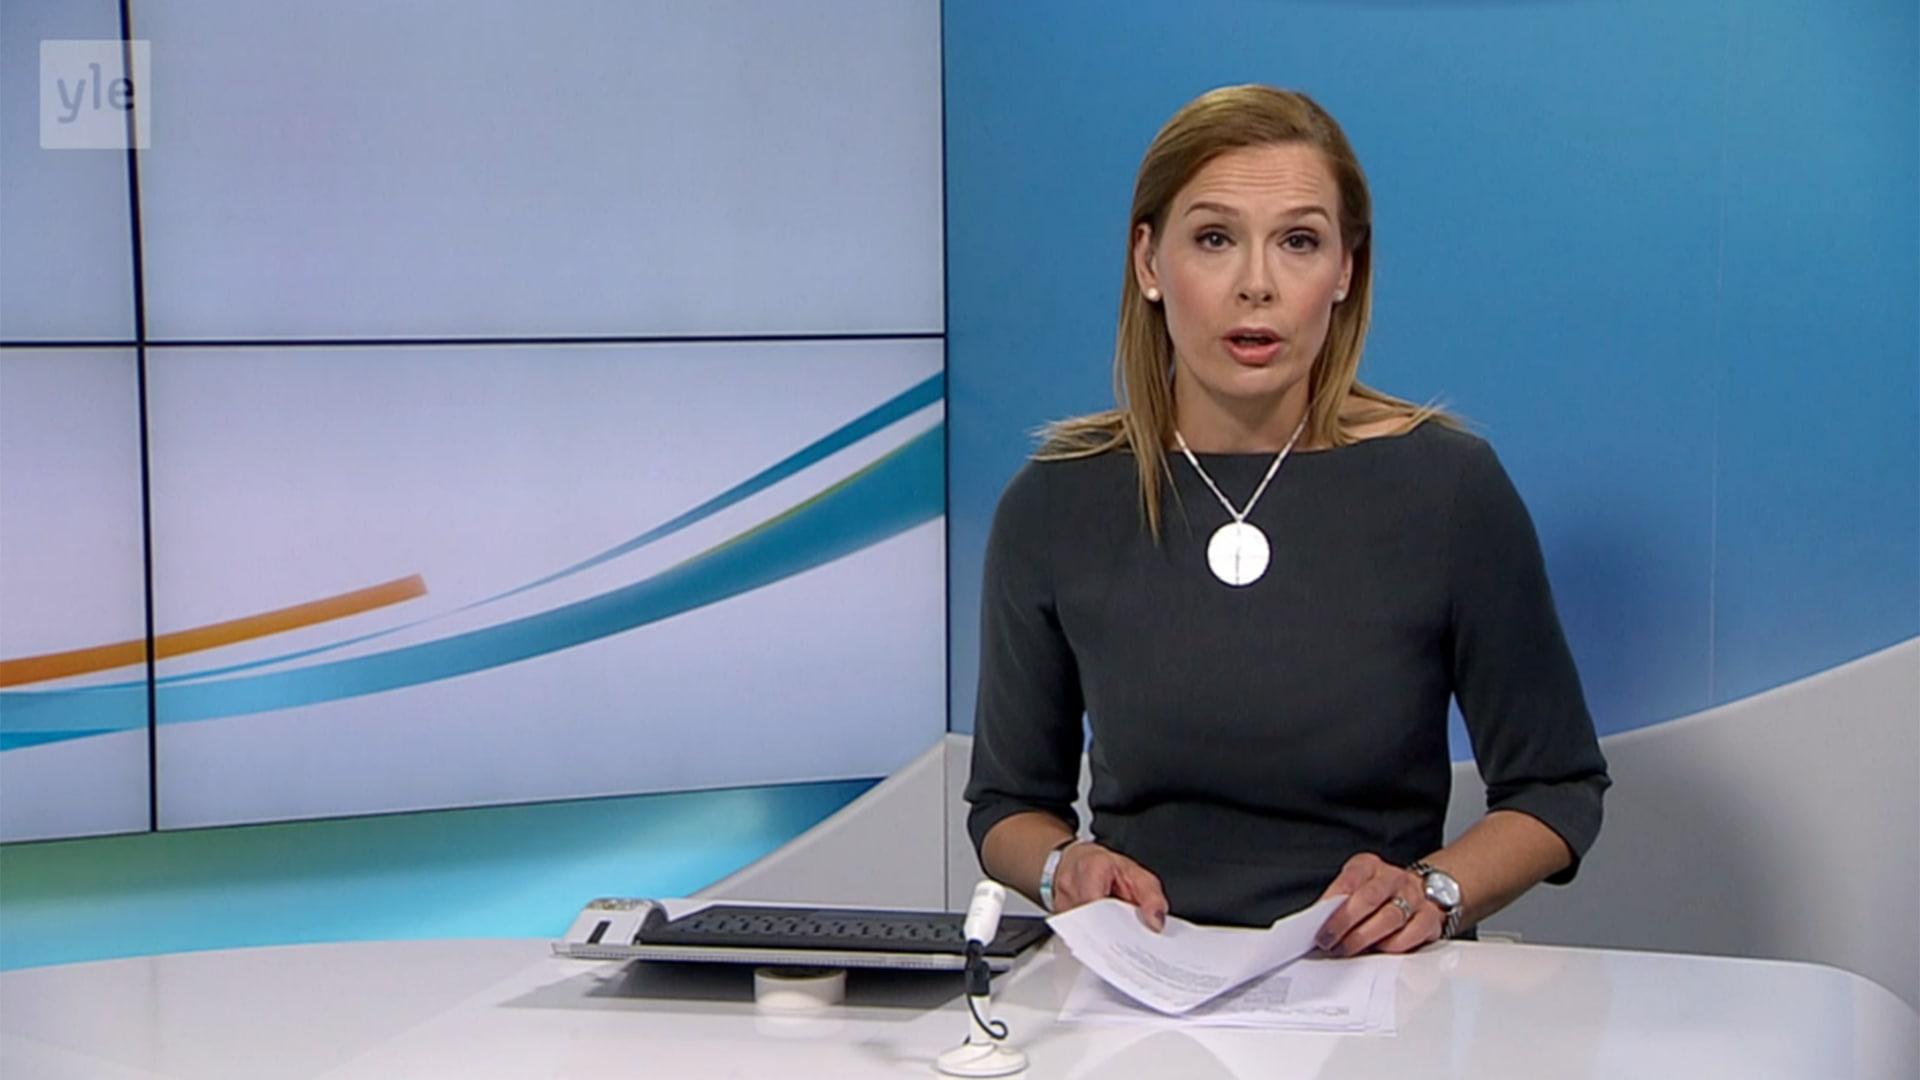 Areena Uutiset